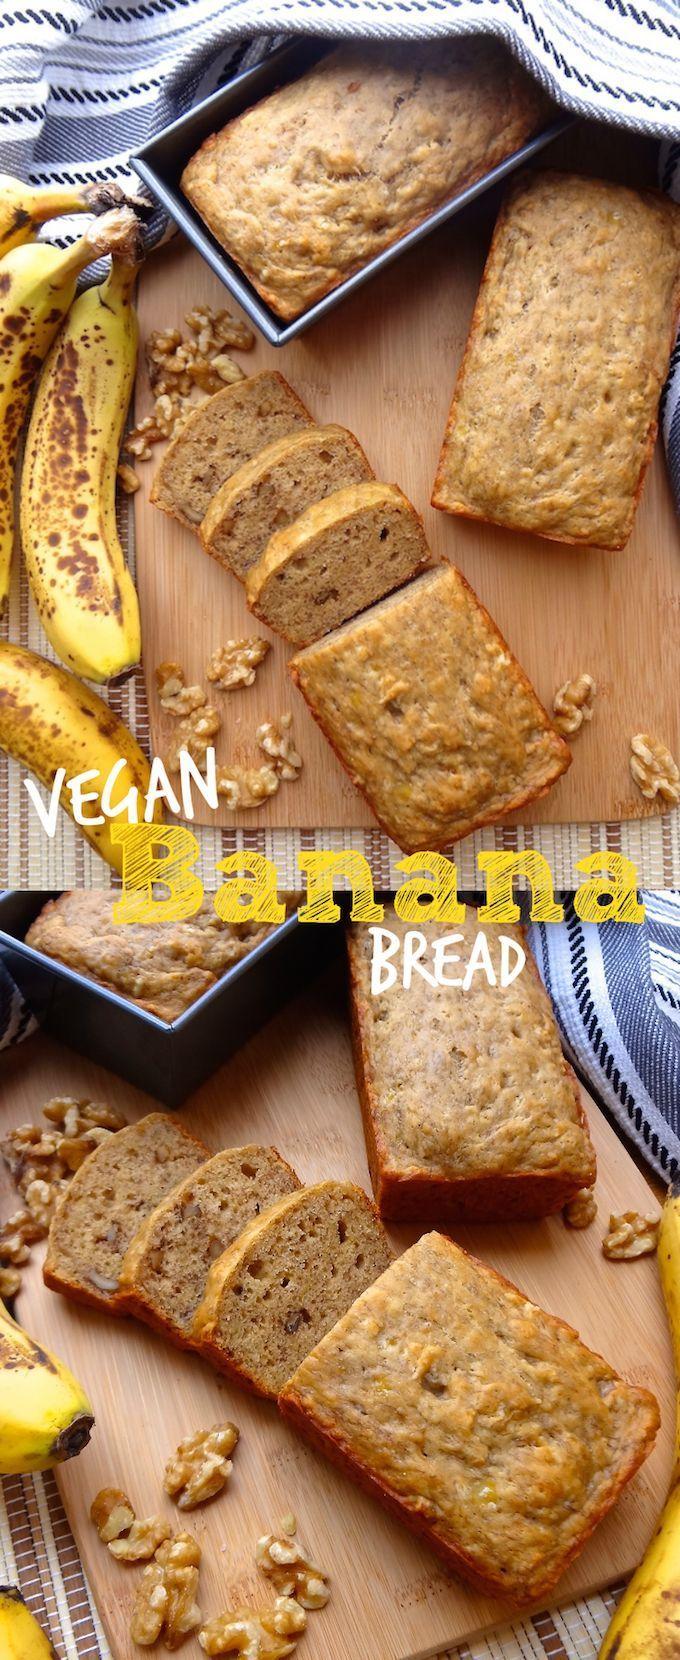 Vegan Banana Bread W Walnuts Recipe Where You Get Your Protein Vegan Banana Bread Recipe Vegan Baking Banana Walnut Bread